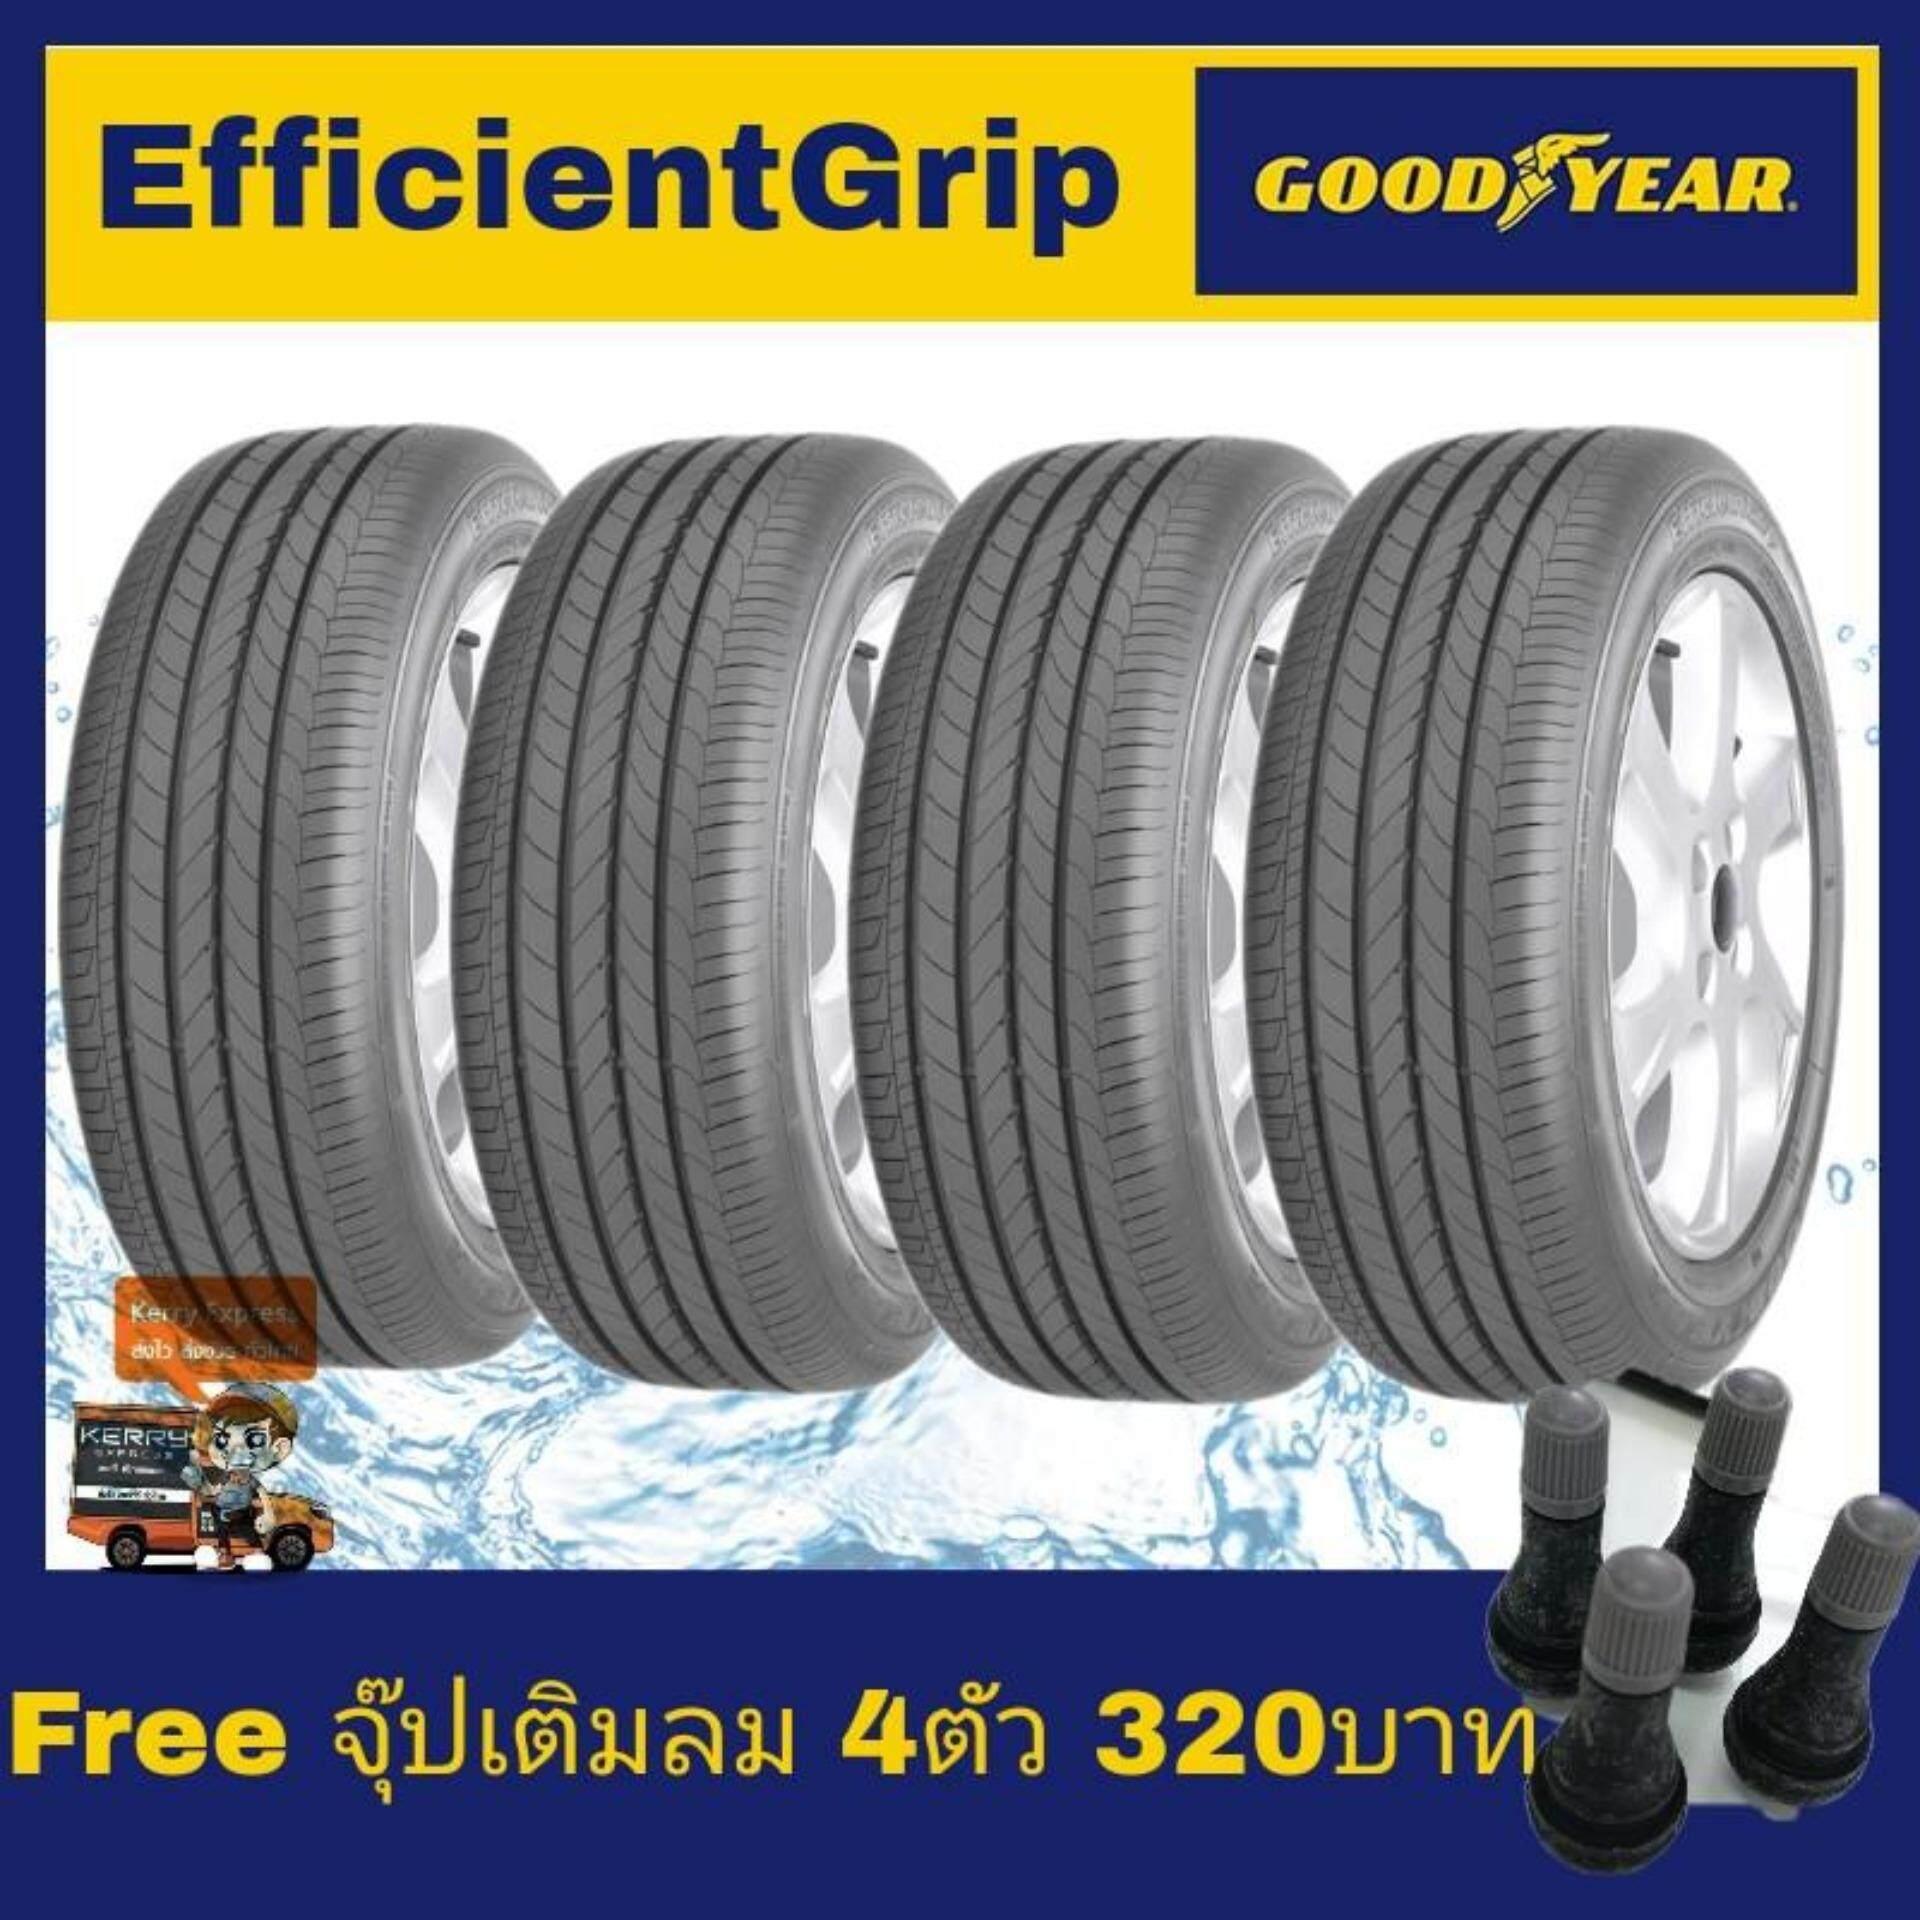 ประกันภัย รถยนต์ 3 พลัส ราคา ถูก สระแก้ว Goodyear ยางรถยนต์ขอบ17 215/55R17 รุ่น EfficientGrip (4เส้น)